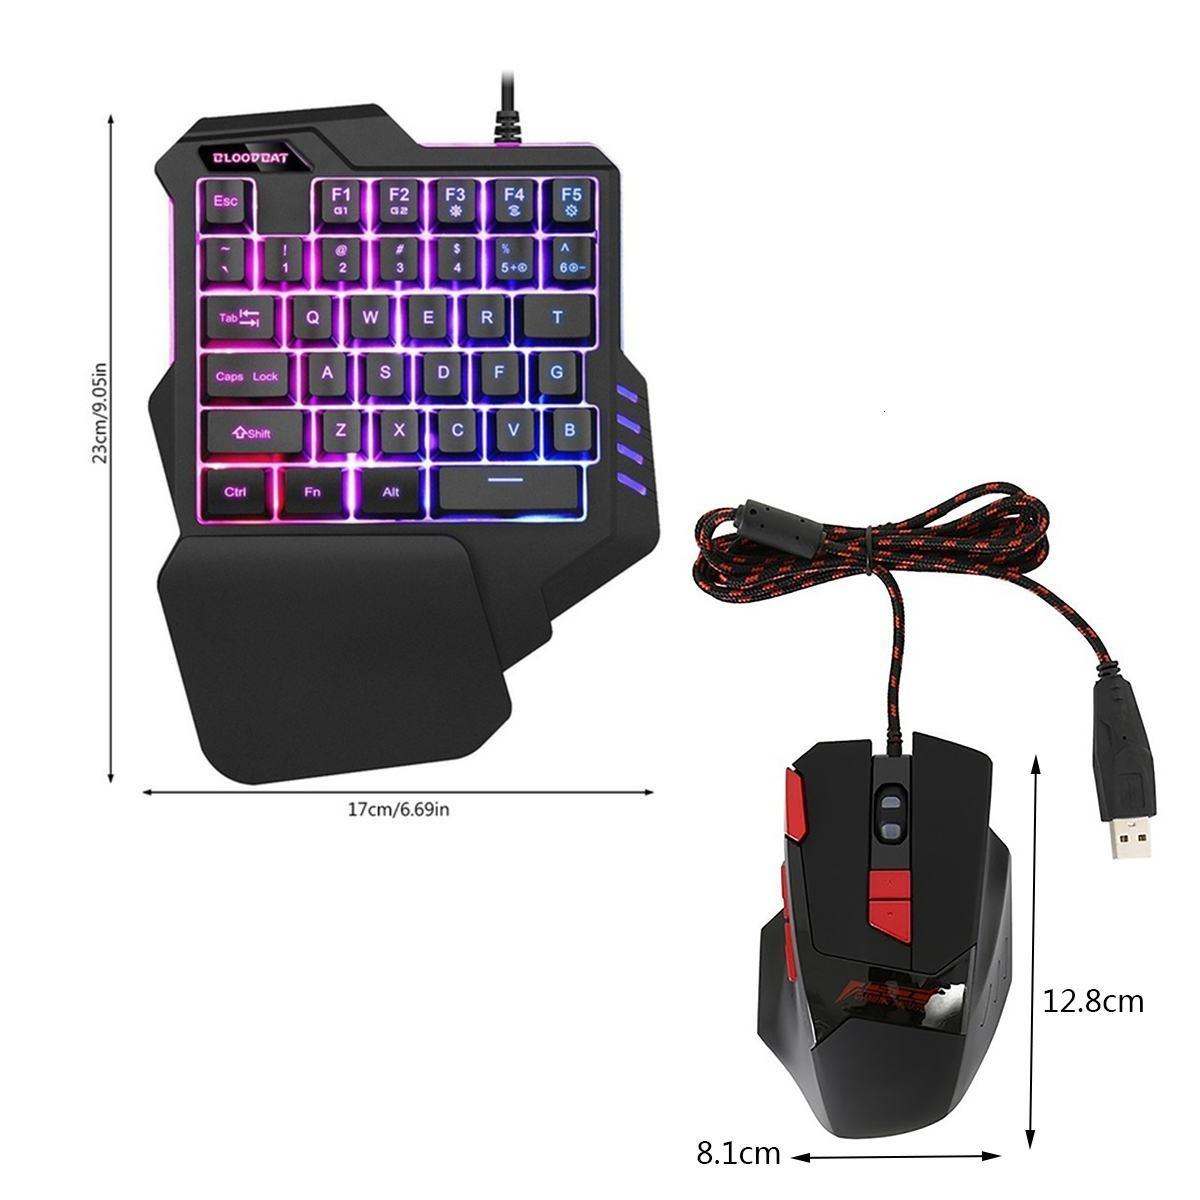 Мини-клавиатура / мышь Проводная Gaming Механическая клавиатура с одной рукой клавиатуры светодиодной подсветкой для игры Fortnited PC Колпачки мышей